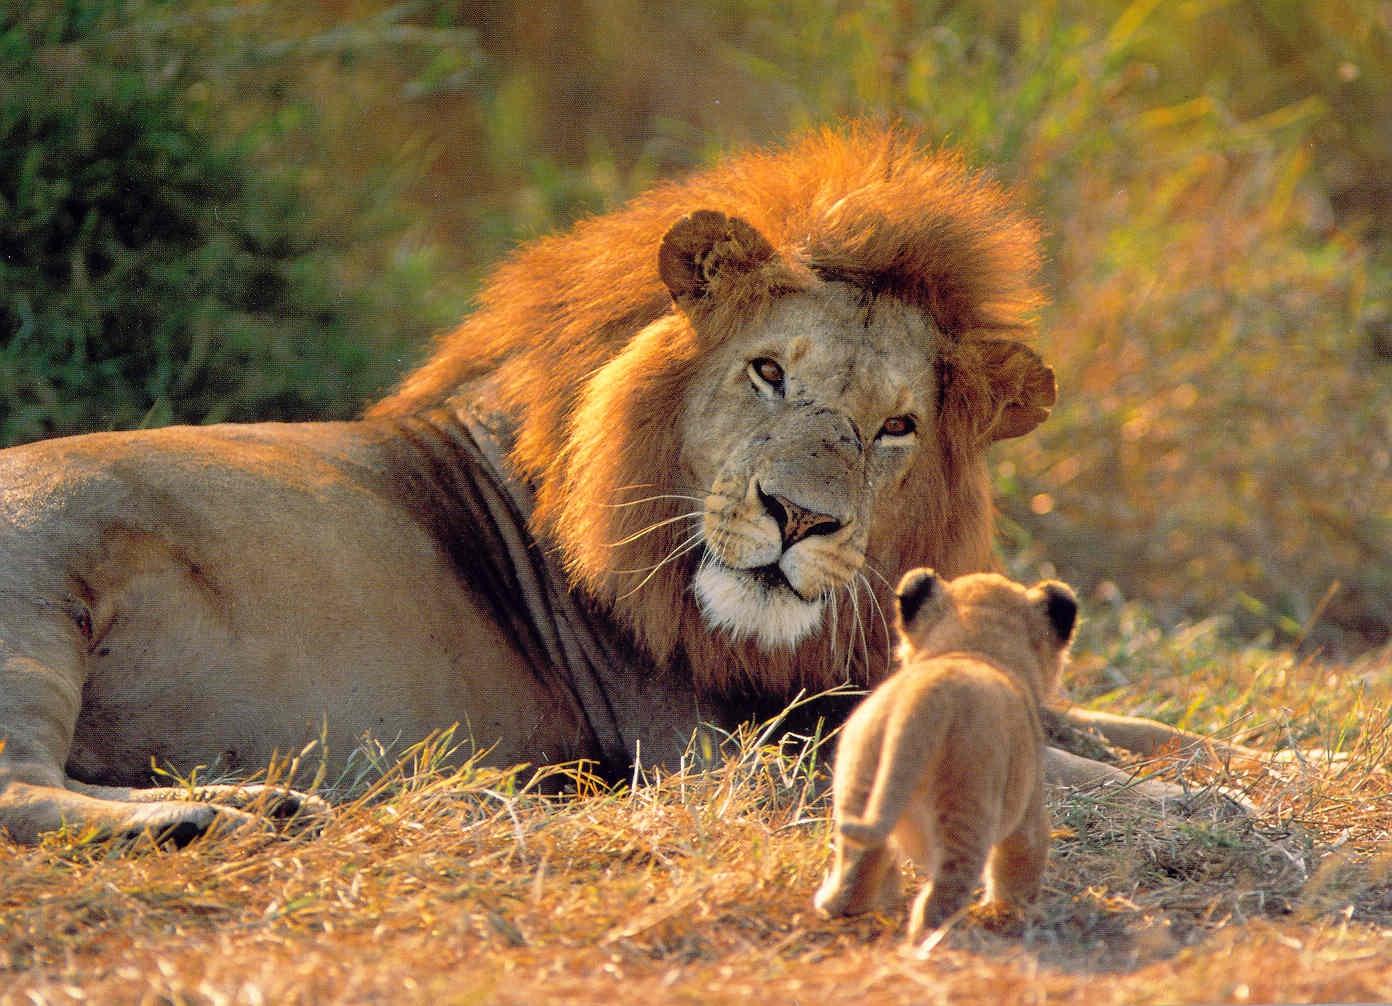 Imagenes de leones imagen leon descansando con su cria - Animales salvajes apareandose ...